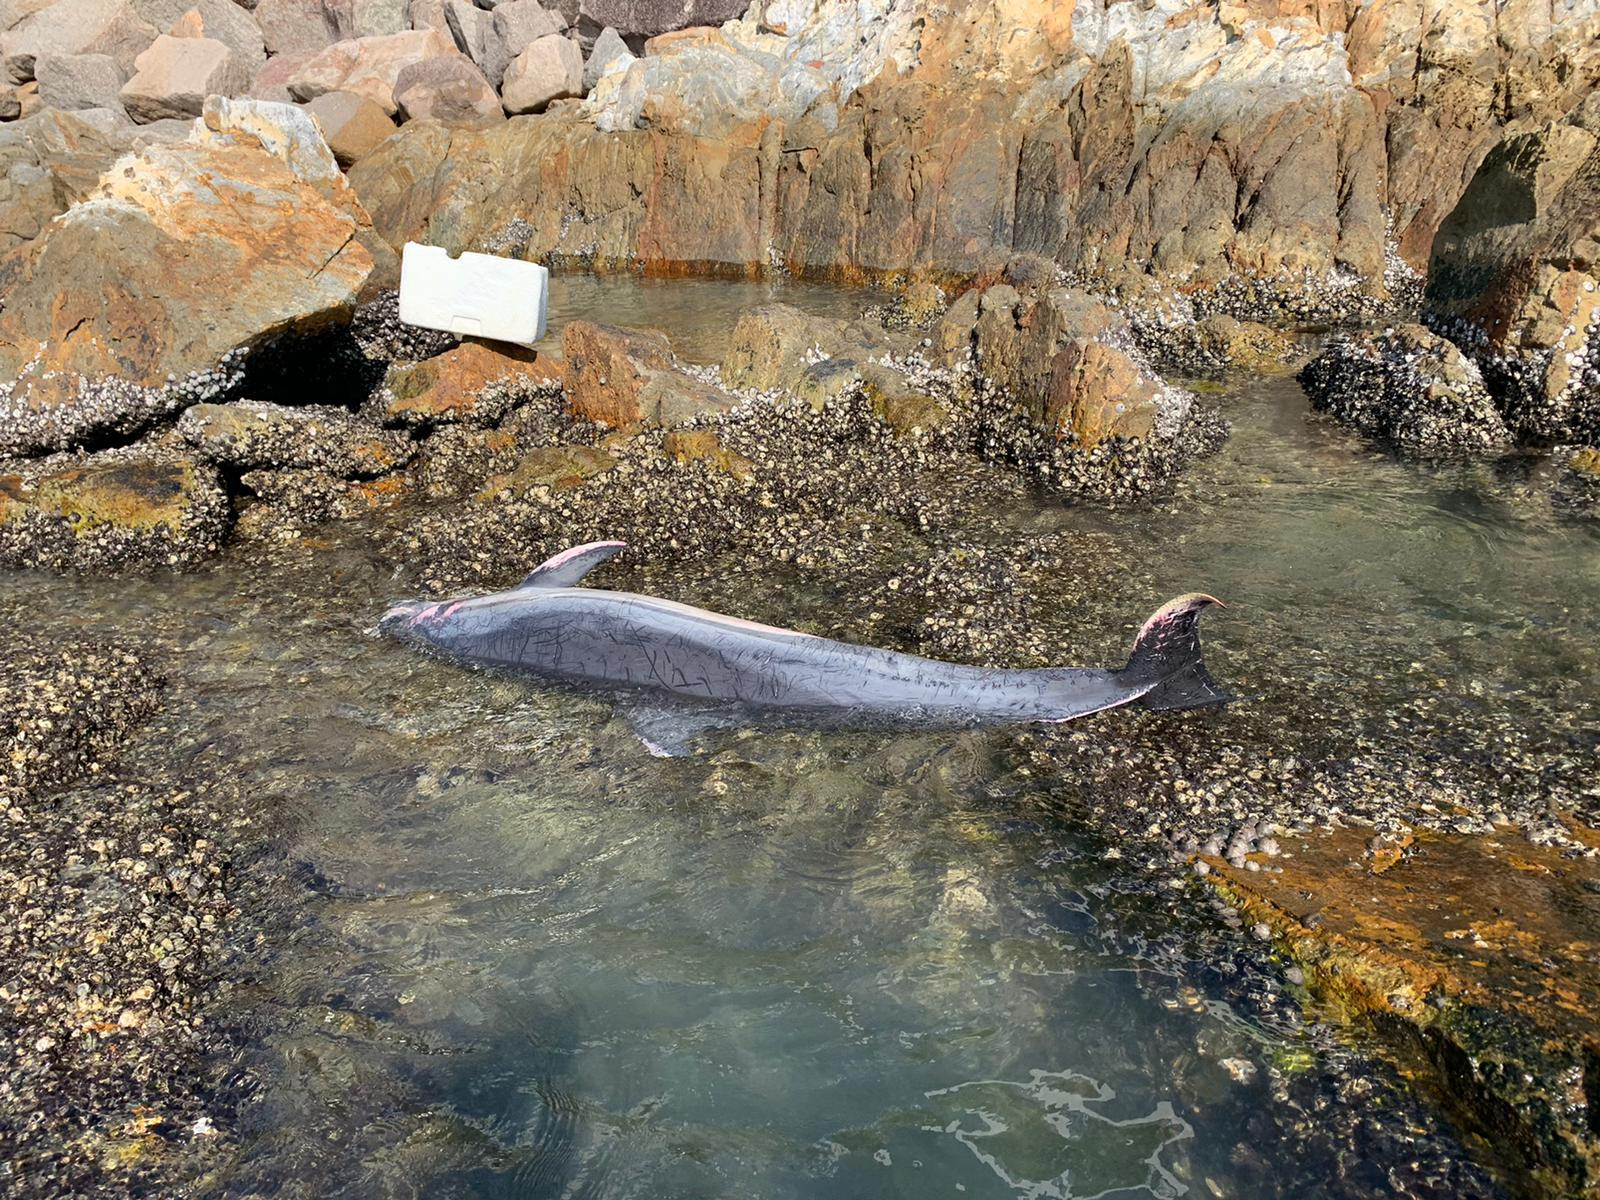 西贡深水湾发现3海豚搁浅 死因有待确定